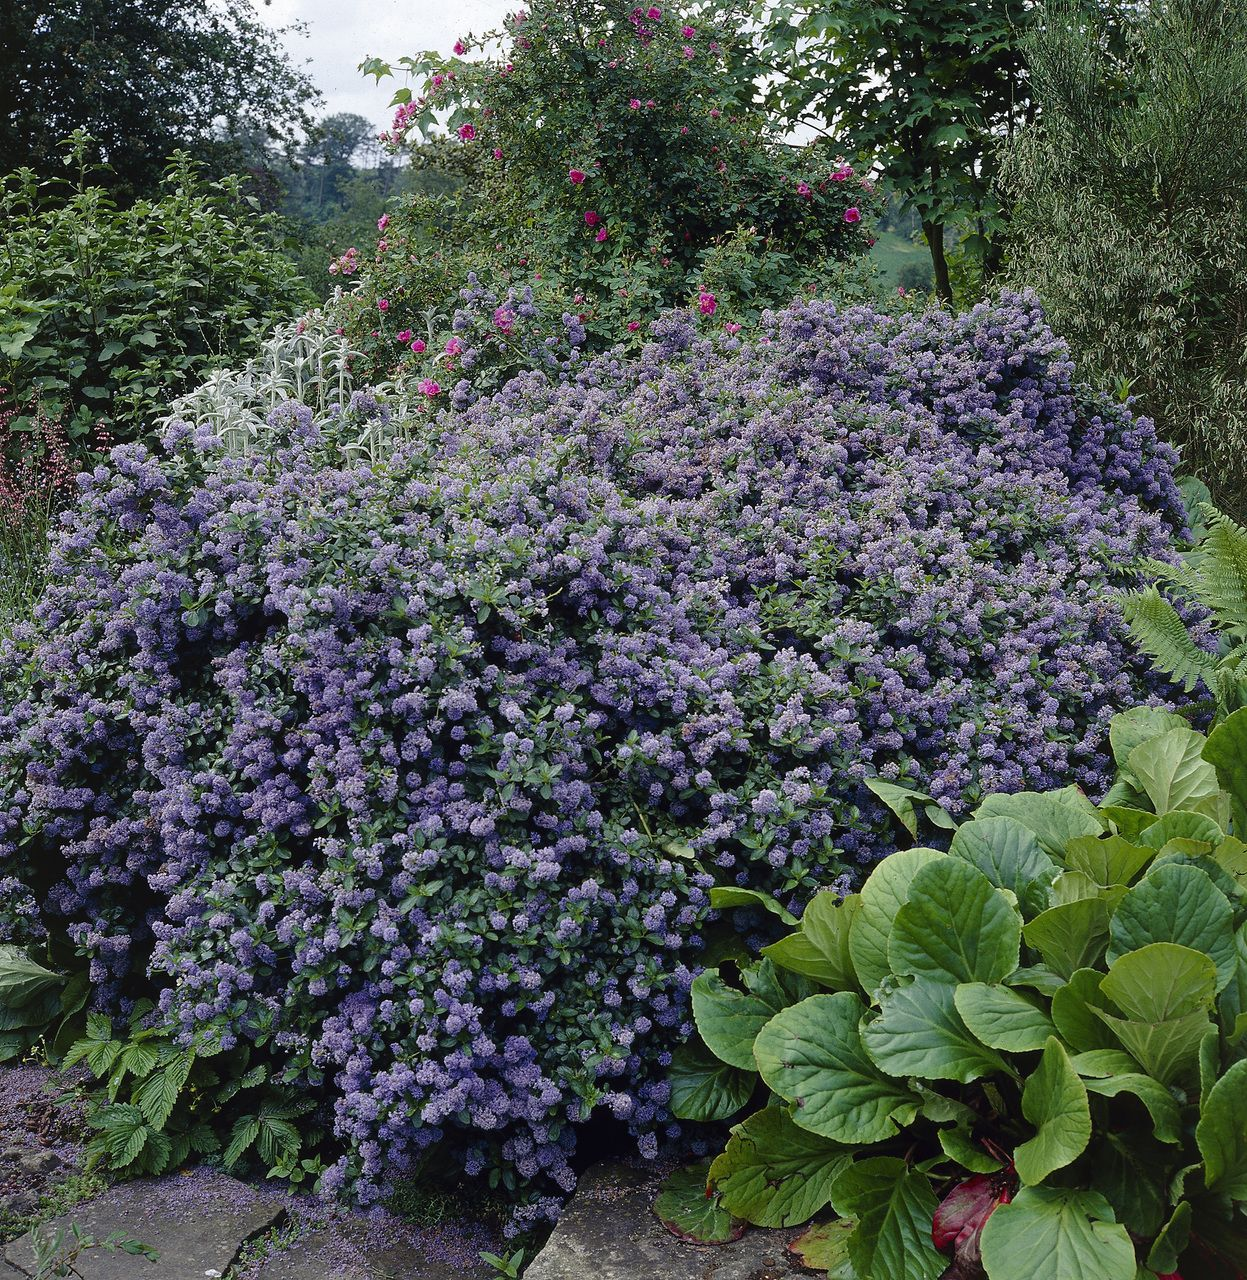 Die Sackelblume Richtig Schneiden Pflanzen Tipps Tricks 99roots Com Pflanzen Tipps Blumen